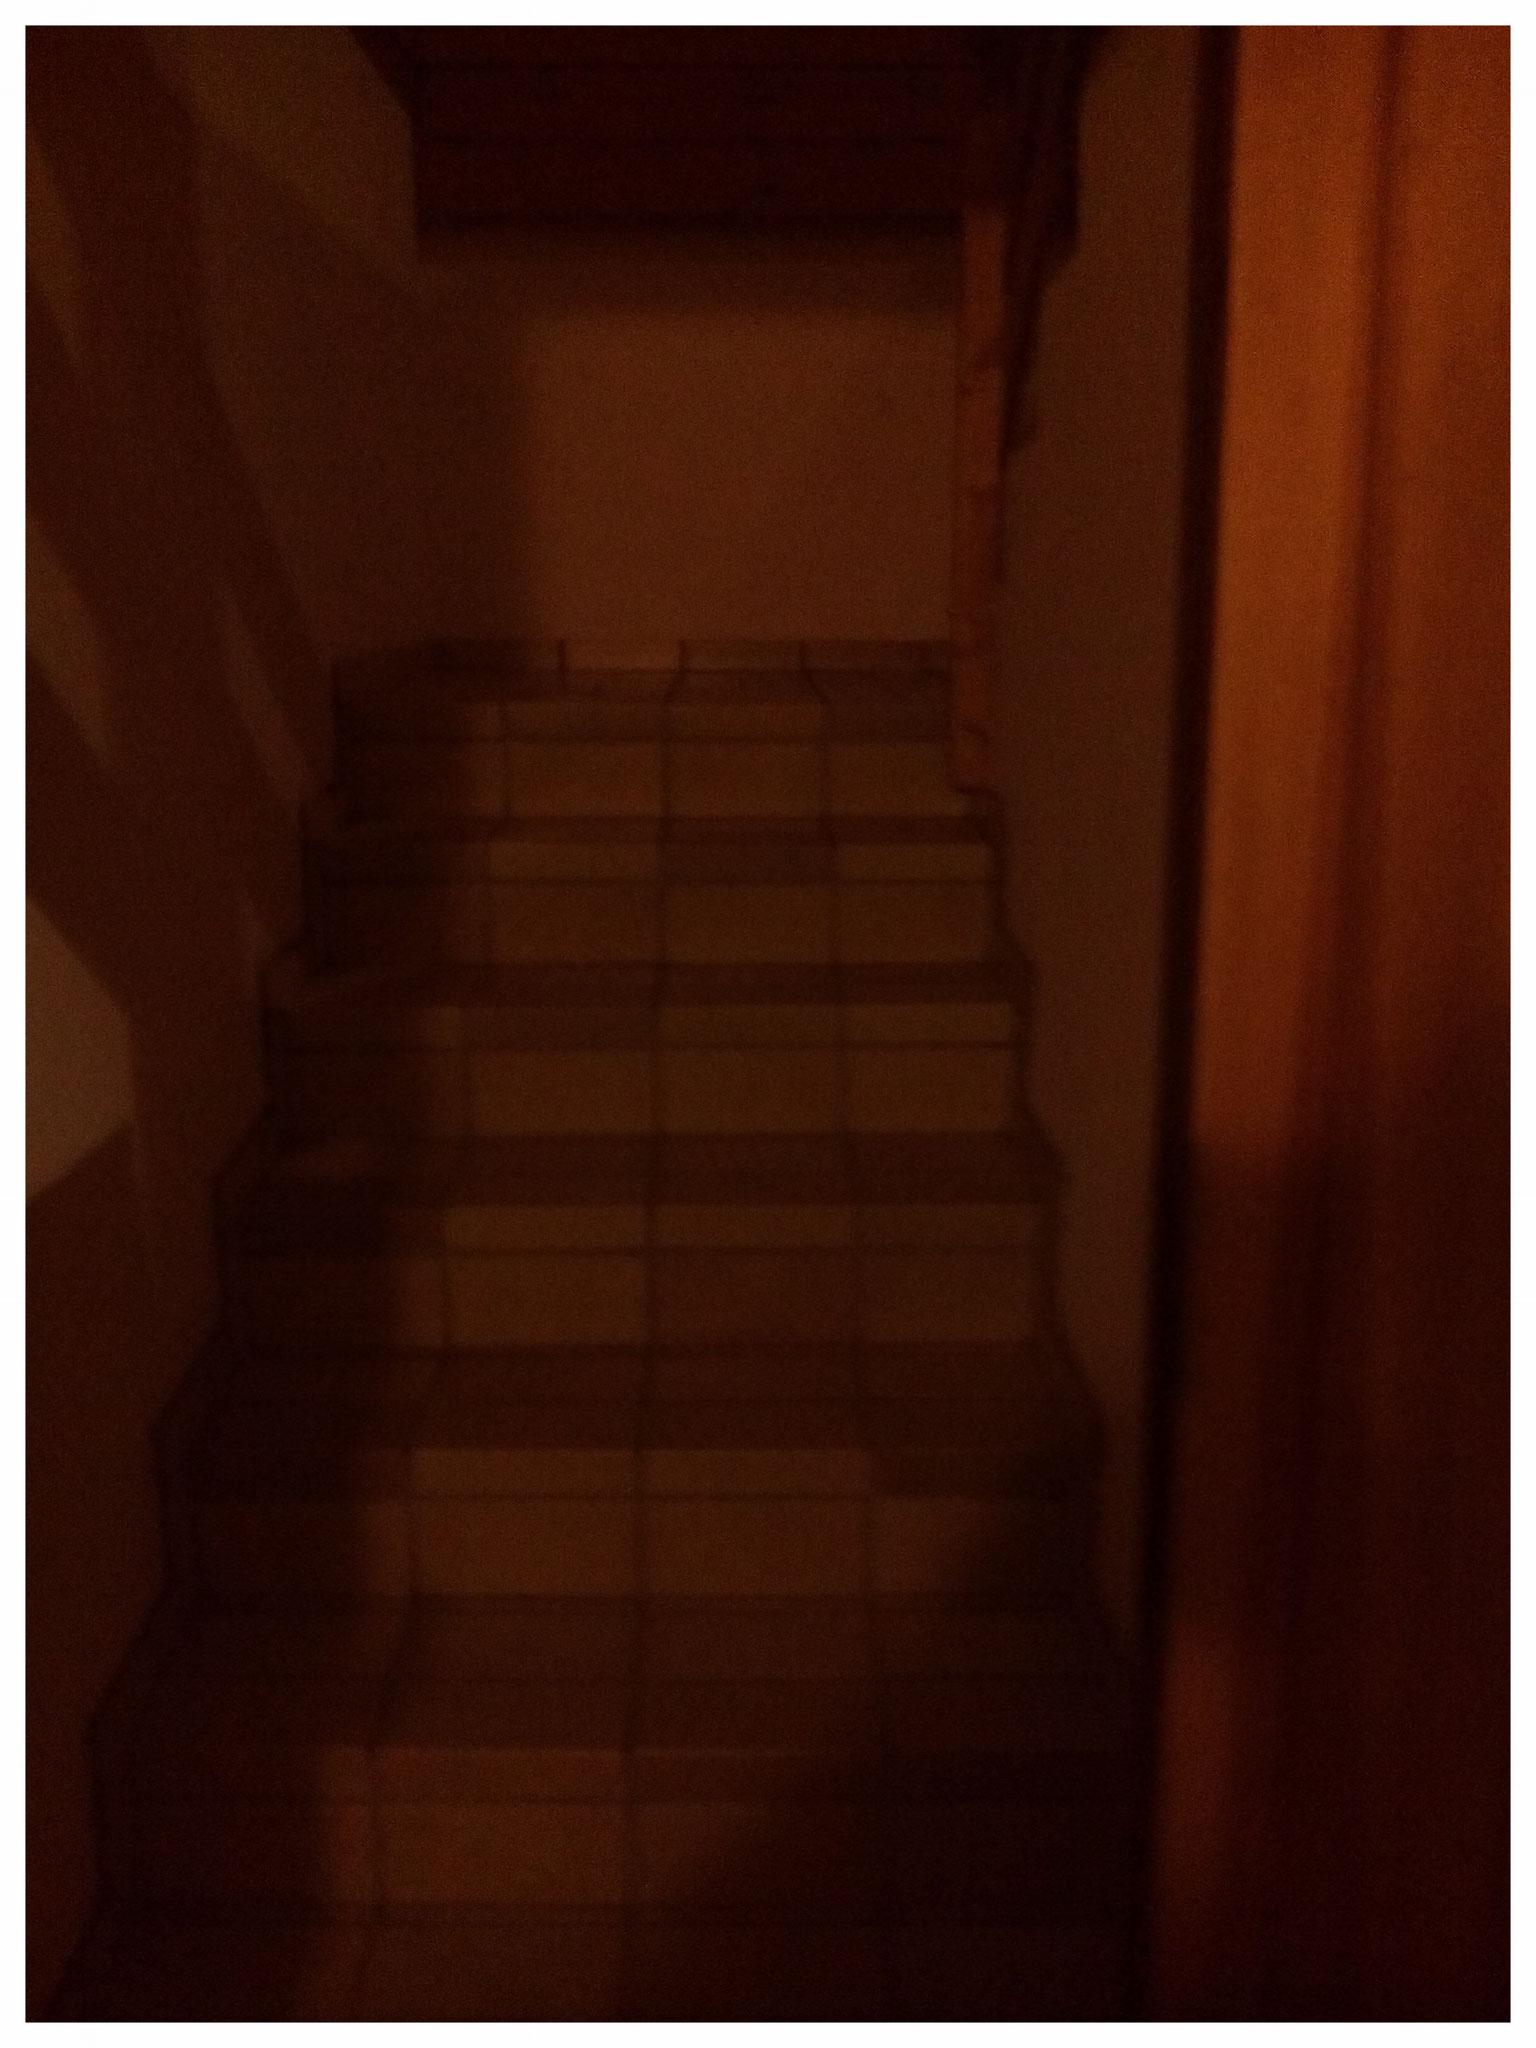 Der Treppenaufgang, noch ist er dunkel.